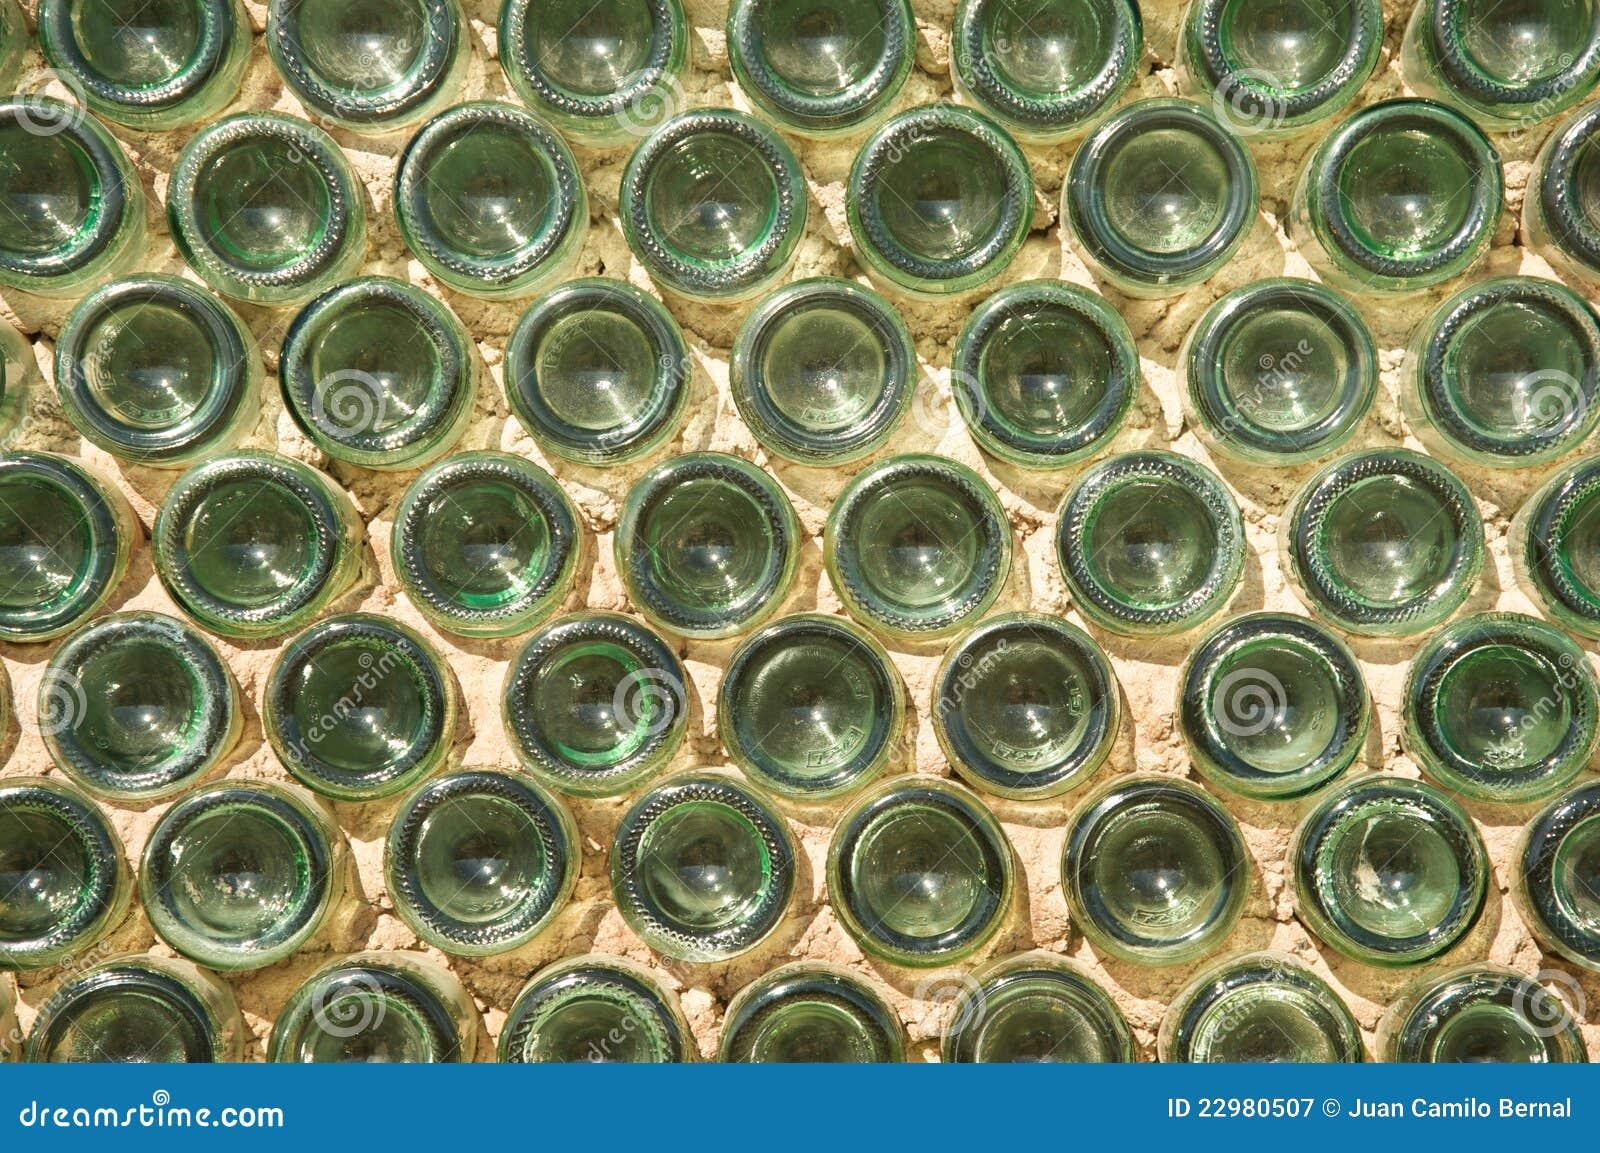 Pareti Con Bottiglie Di Vetro : Parete fatta con le bottiglie di vetro verdi immagine stock